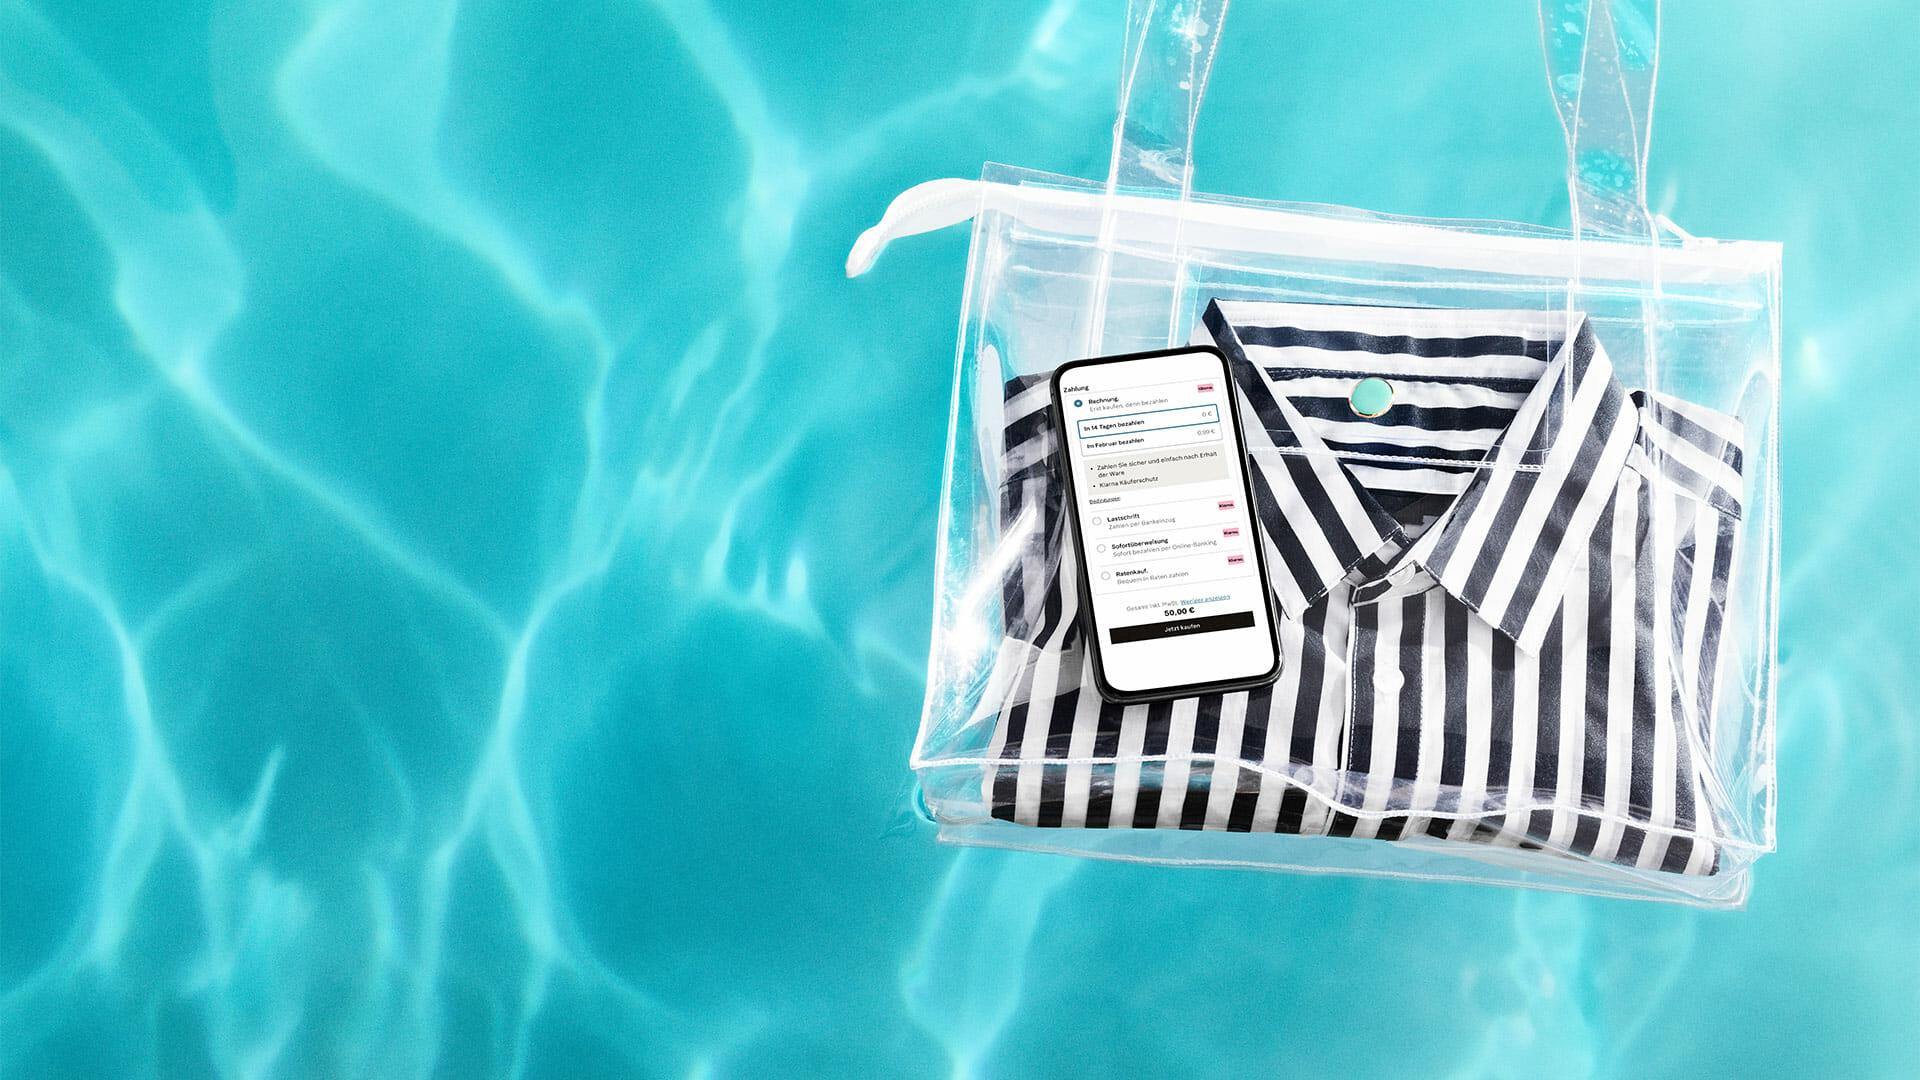 Kirkkaan sinistä vettä altaassa jossa kelluu läpinäkyvä laukku jossa raitapaita ja matkapuhelin